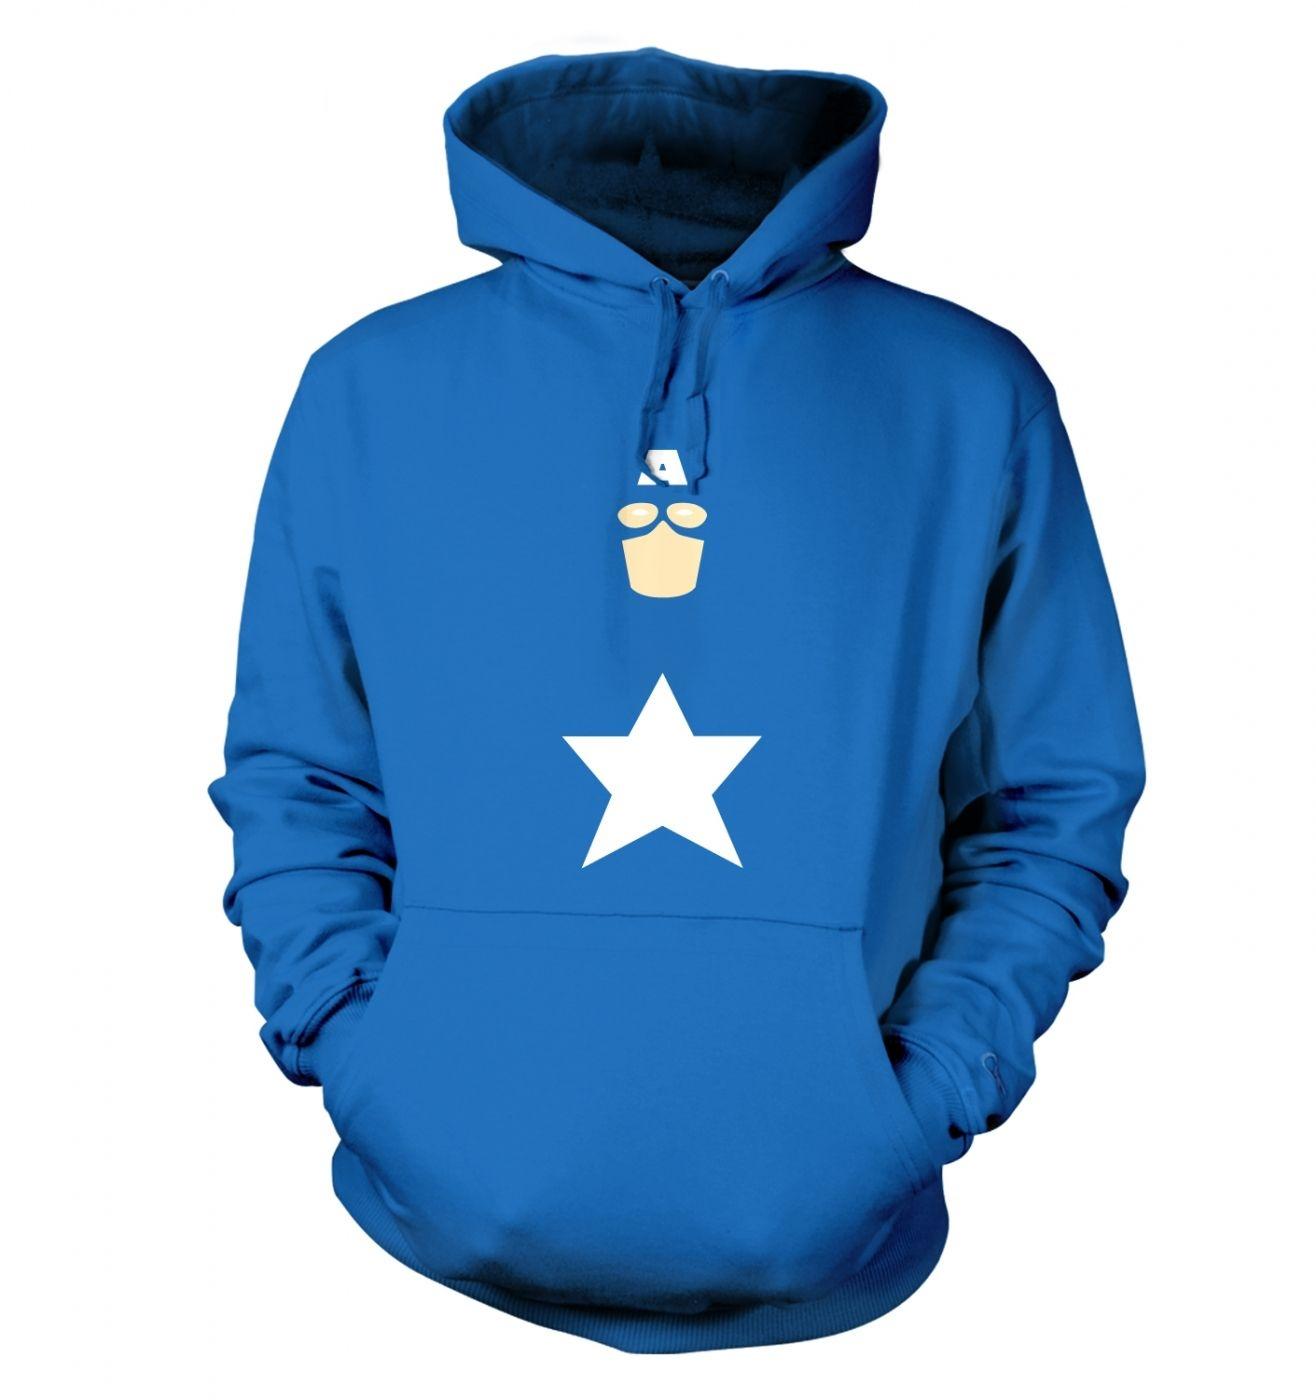 All American Hero hoodie